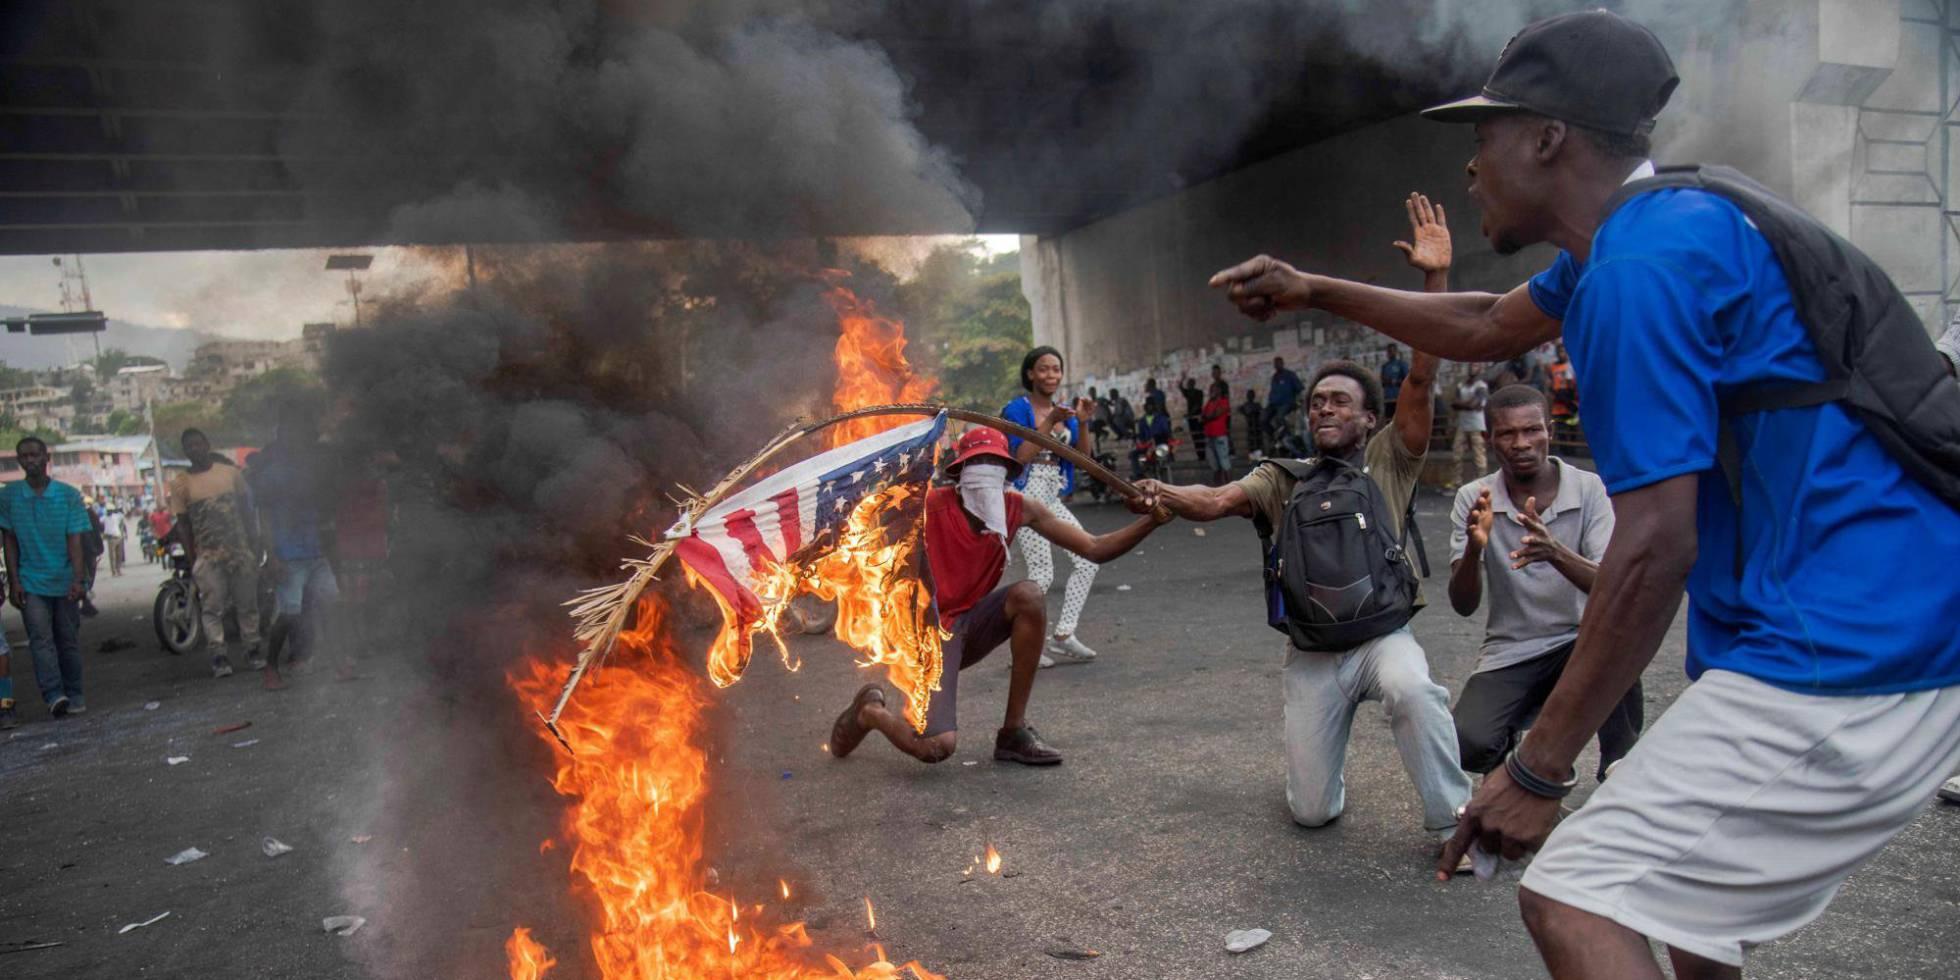 Fotos: La crisis política de Haití, en imágenes | Internacional | EL PAÍS